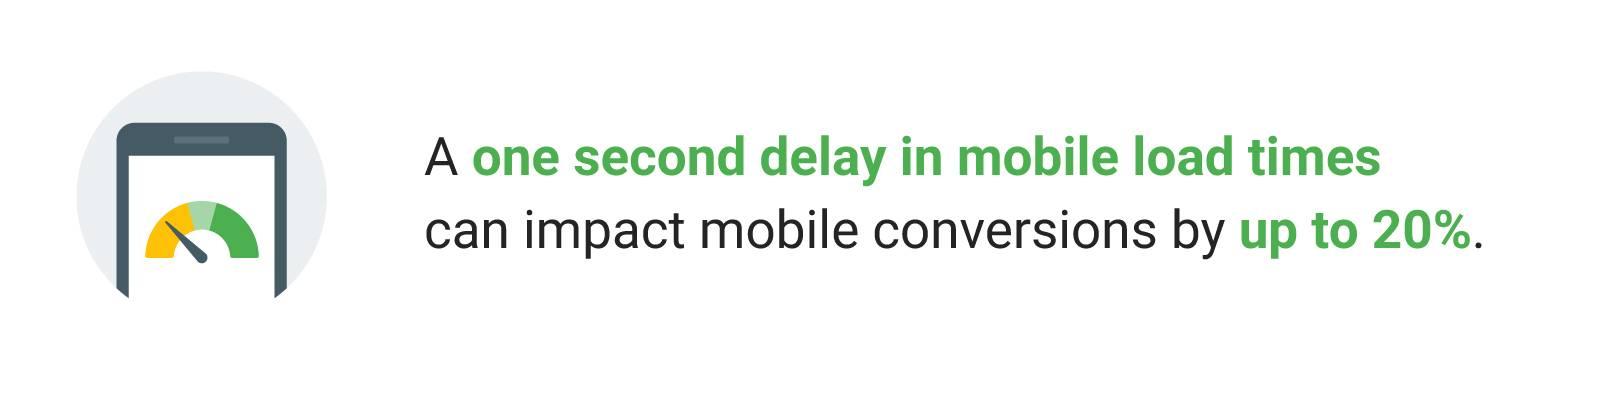 网站速度对转换的重要性